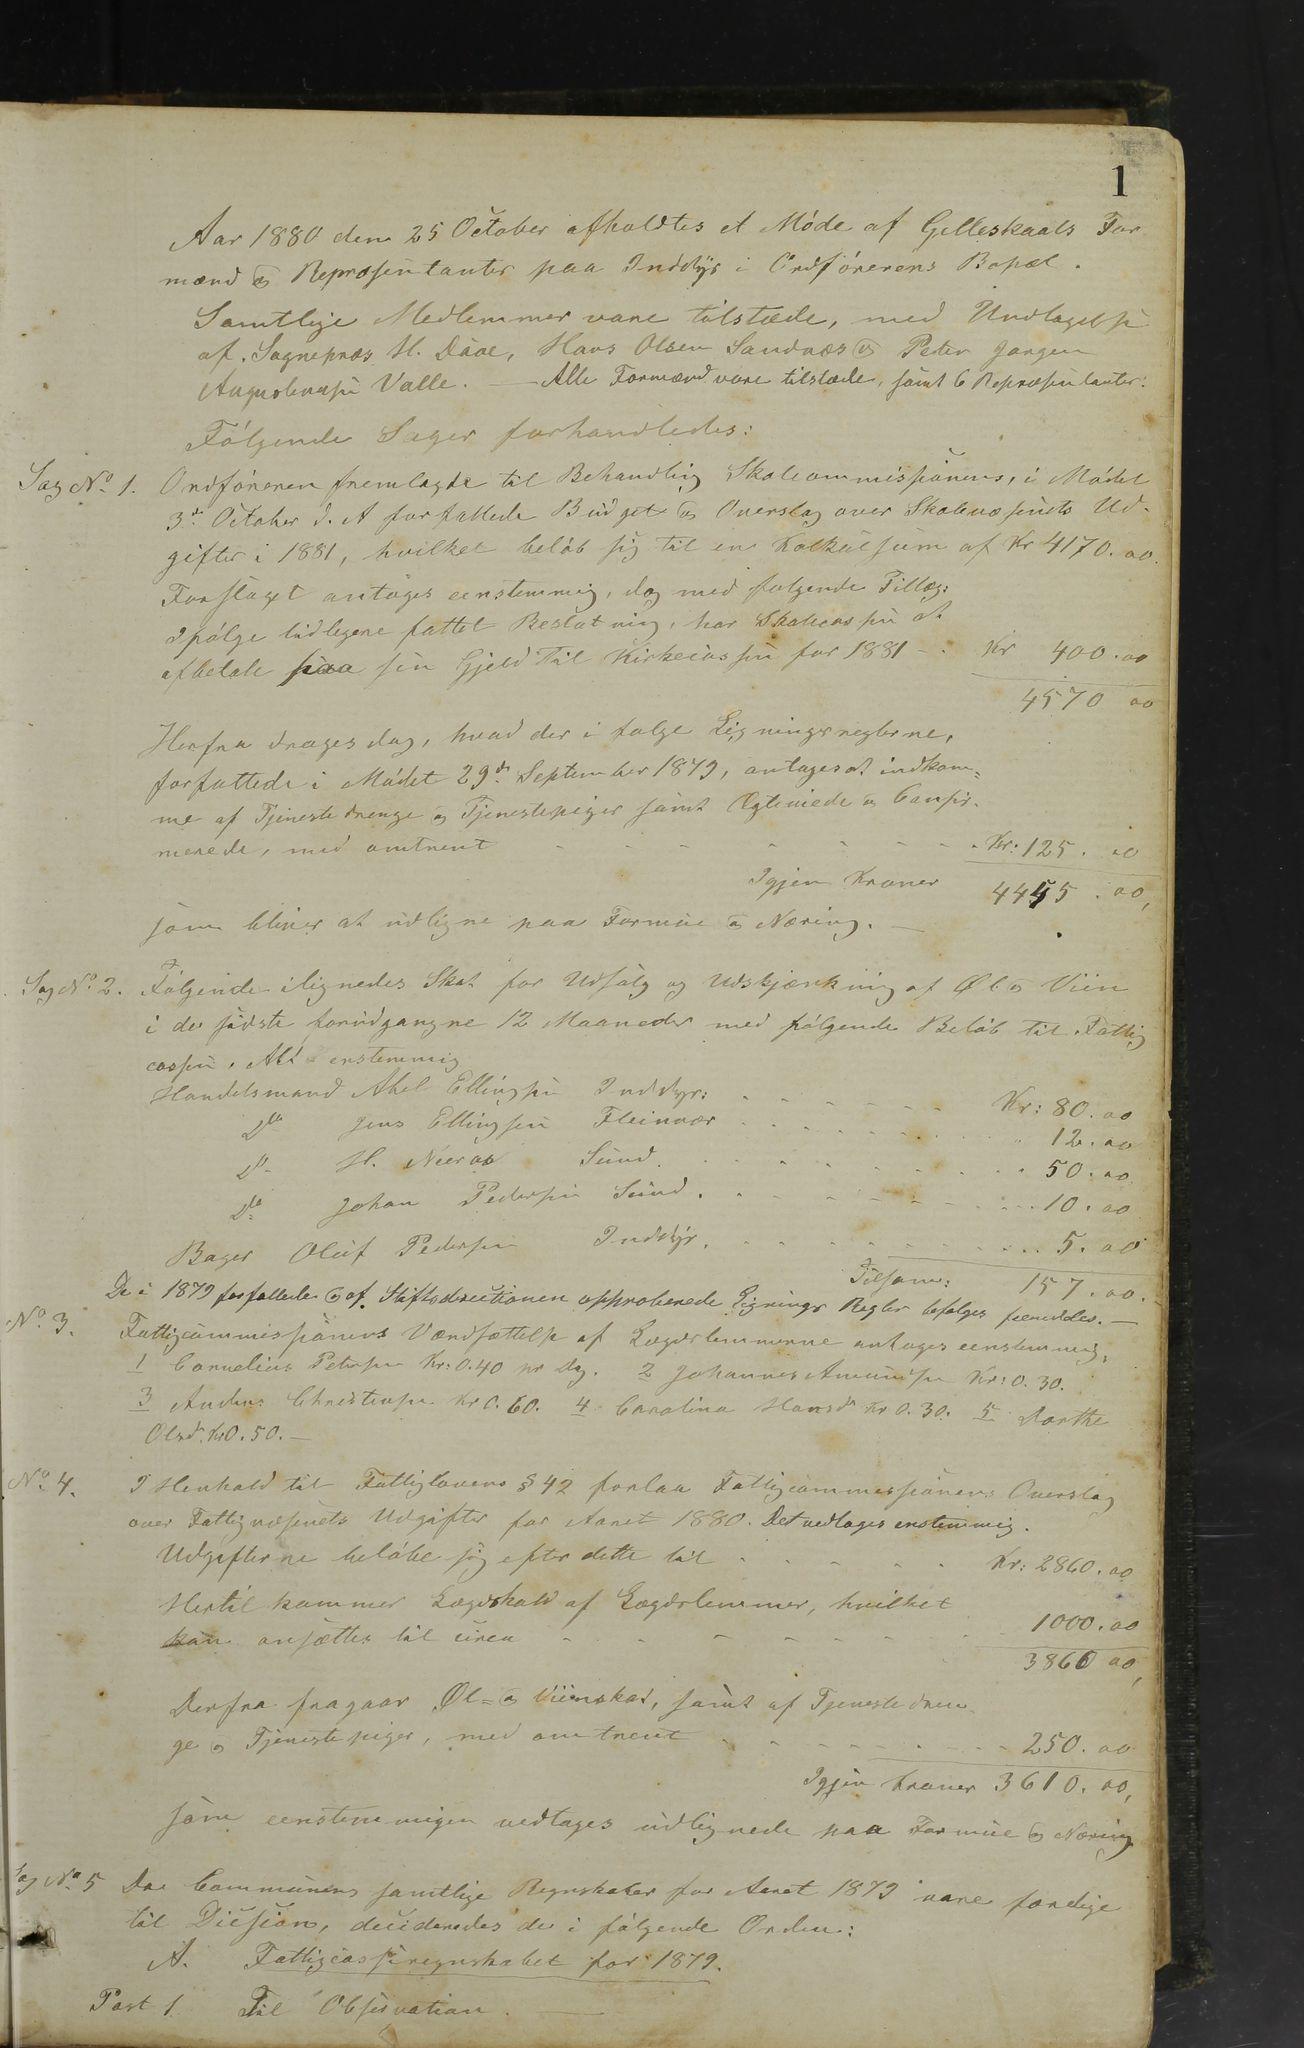 AIN, Gildeskål kommune. Formannskapet, 100/L0002: Møtebok formannskapet, 1880-1903, s. 1